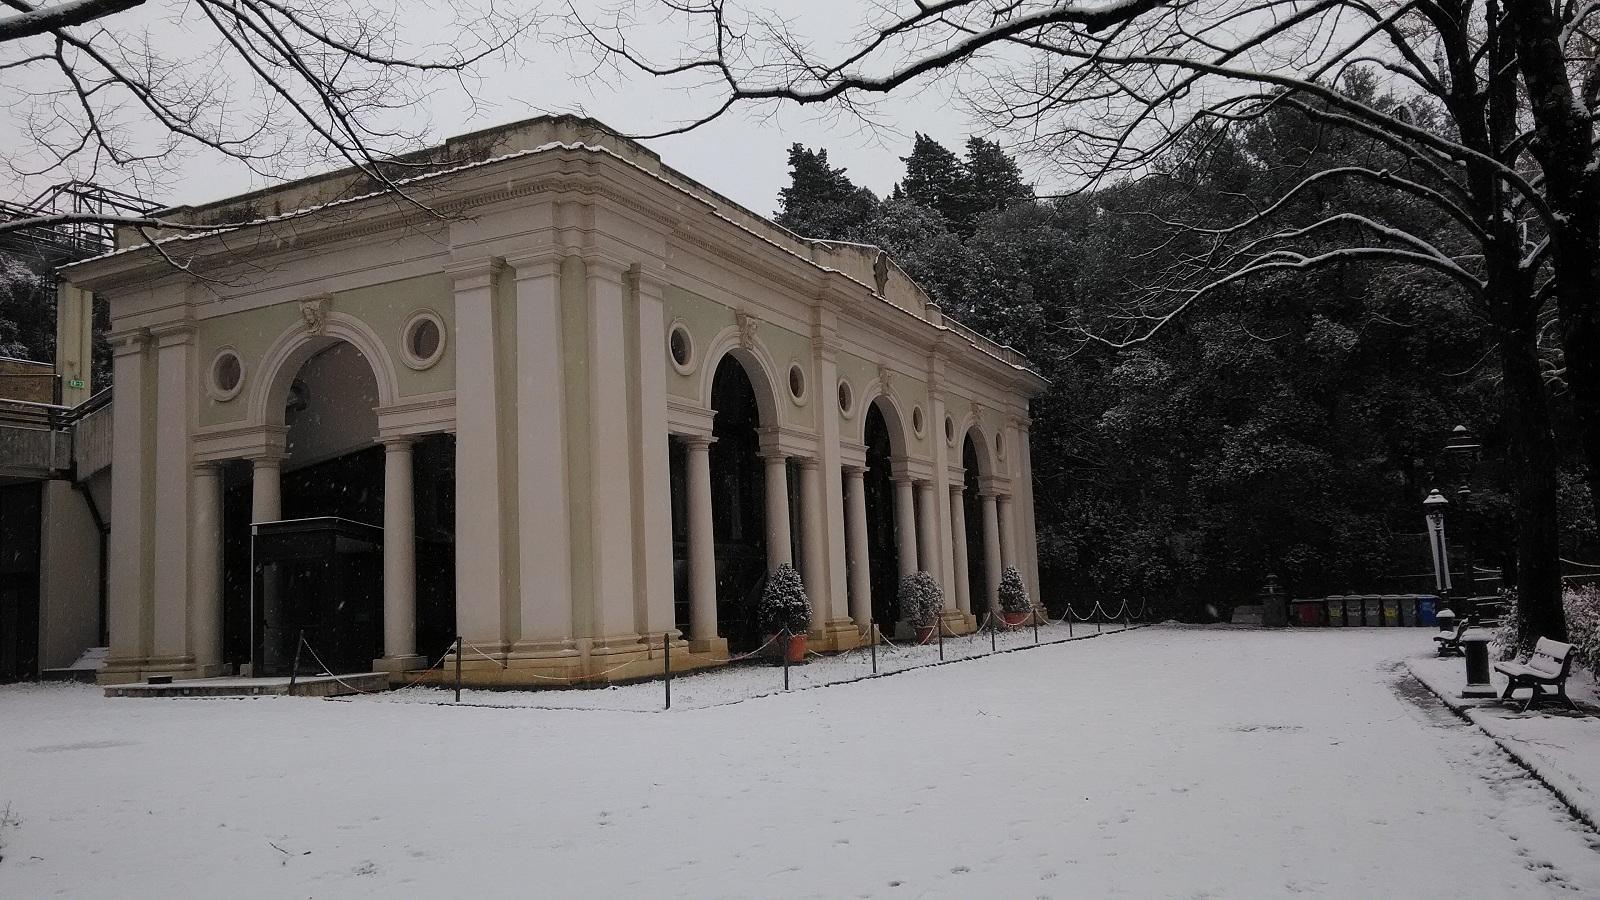 limonia villa strozzi nevicata marzo 2018